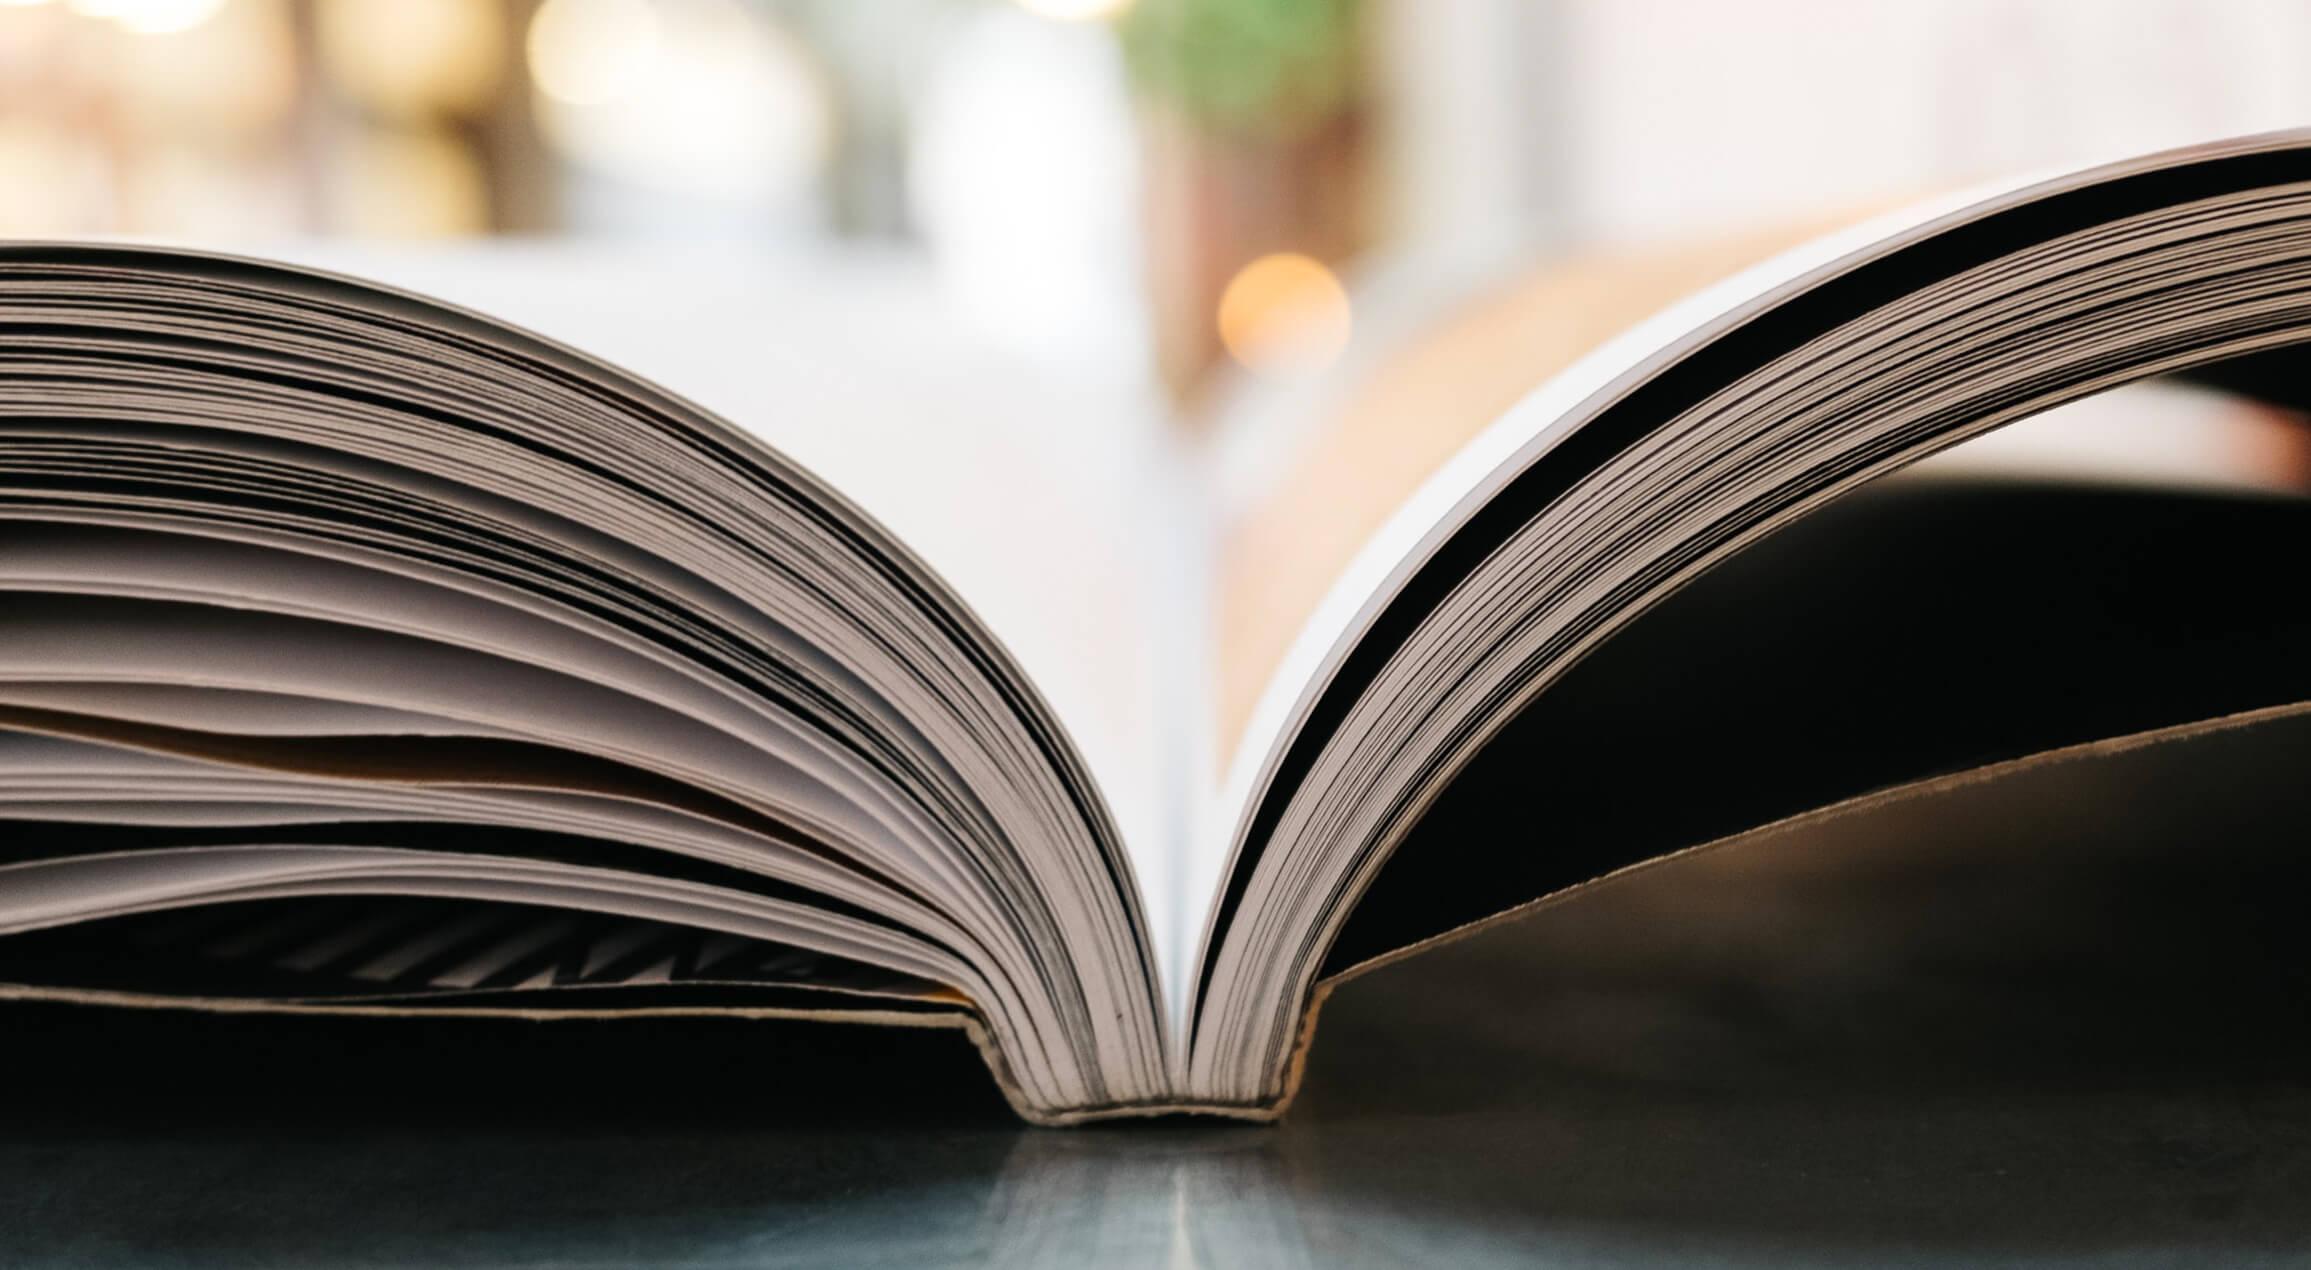 Geste bien-être #5: Lire un livre